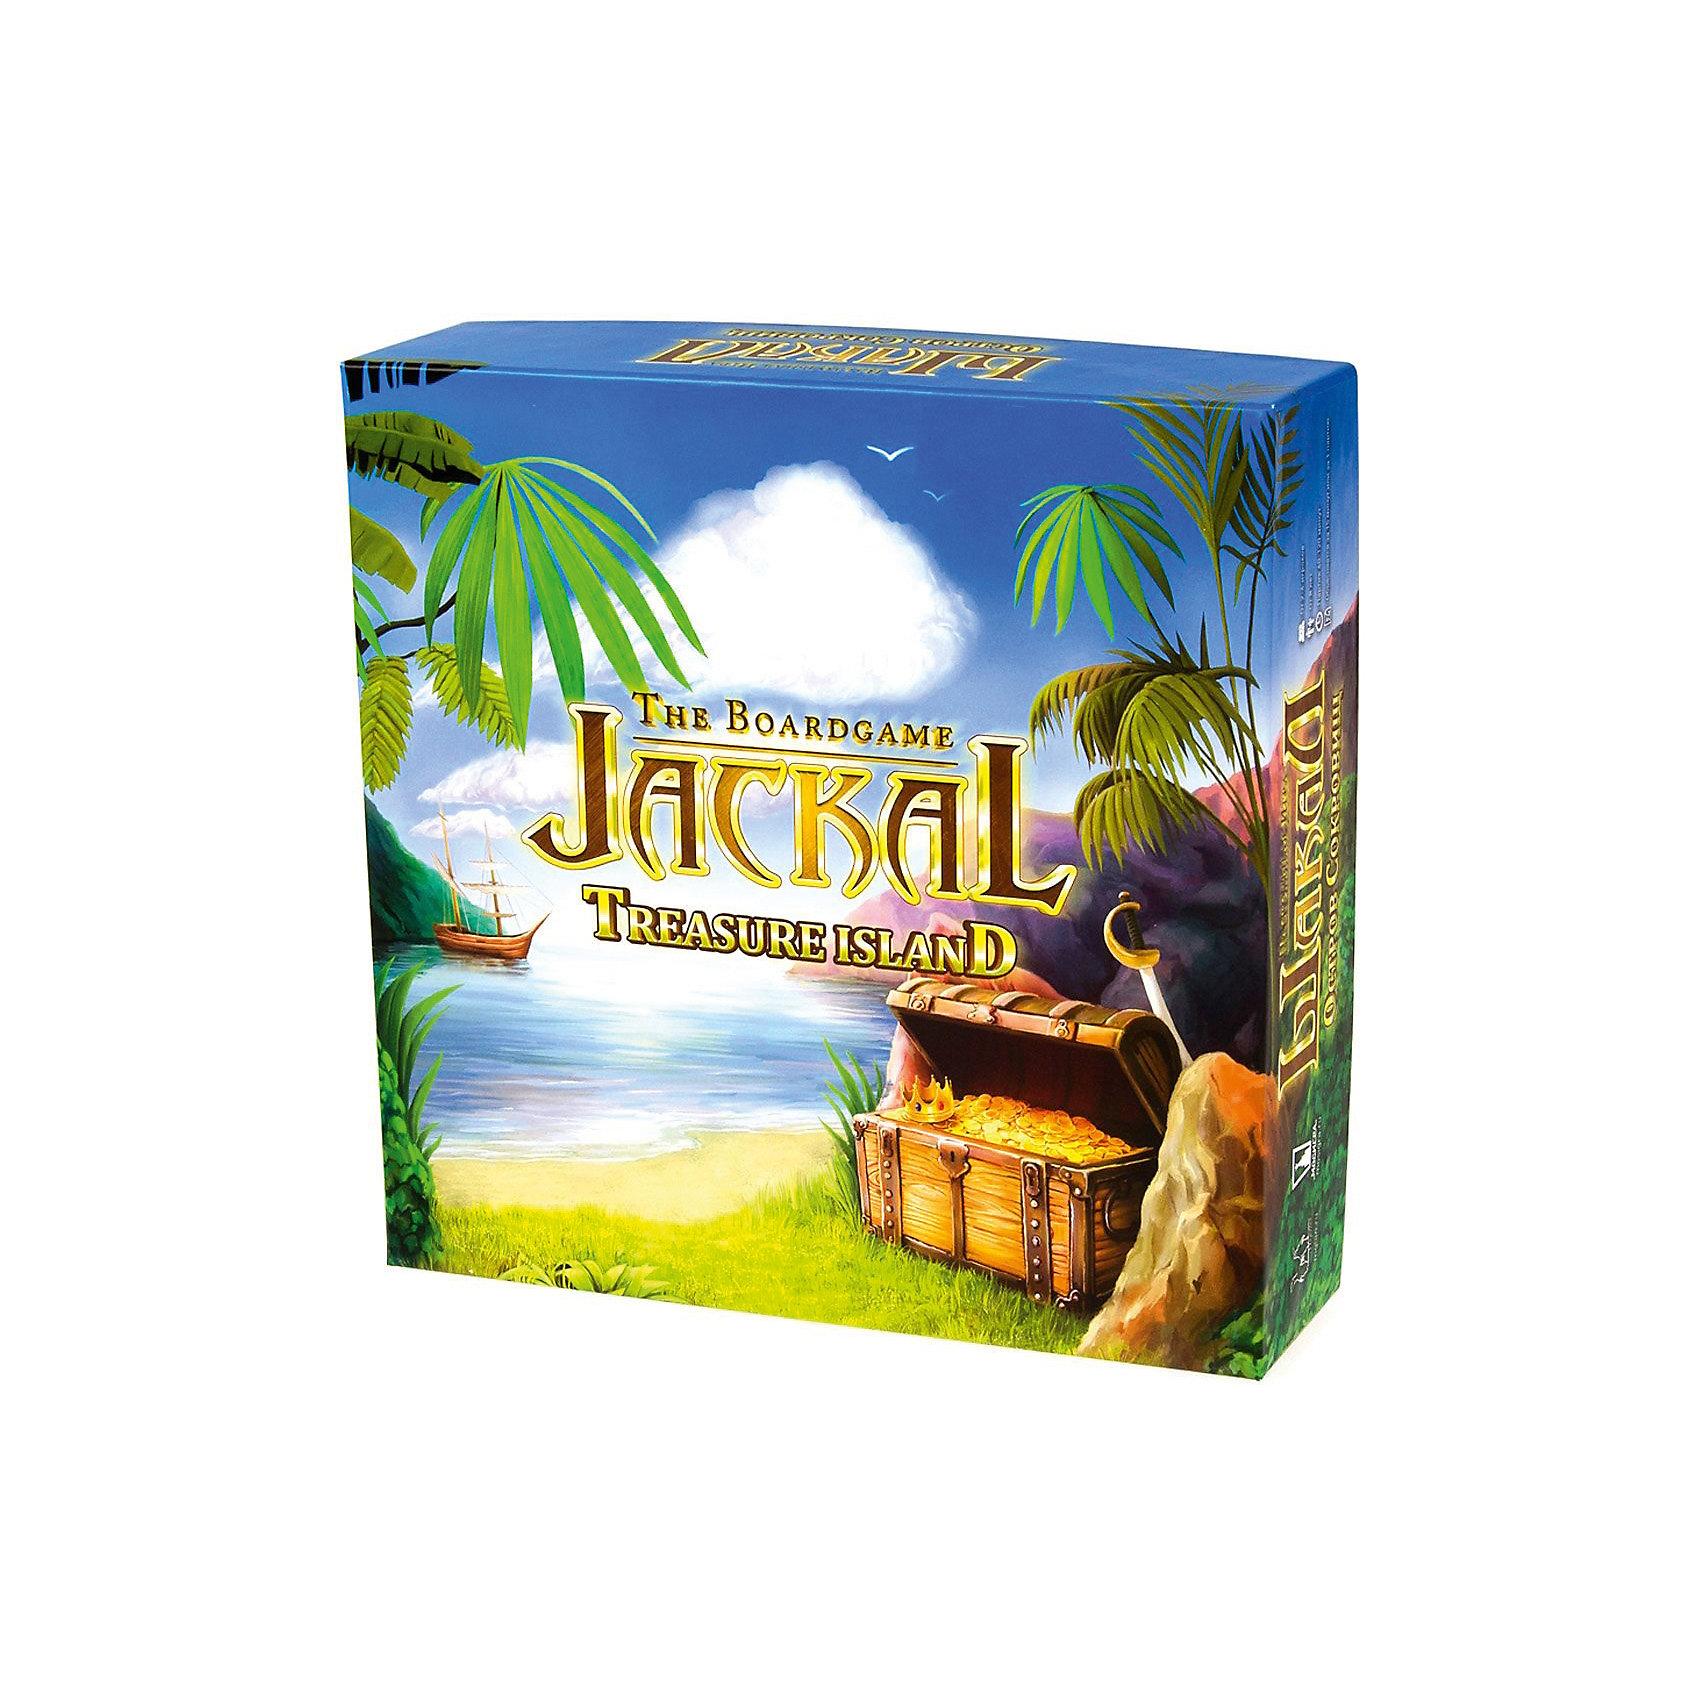 Настольная игра Шакал: остров сокровищ, МагелланНастольная игра «Шакал: Остров сокровищ» — прекрасная настольная игра, относящаяся к жанру приключенческих игр. Содержит базовую версию и дополнение. Условия поединка таковы, что все зависит только от тактических способностей игроков. Игровое поле, состоящее из 117 квадратных клеток, представляет собой пиратский остров с множеством опасностей и горами золотых монет. С каждой новой партией игры фишки игрового поля располагаются в случайном порядке, делая каждую новую игру не похожей, на предыдущую. Цель игры: найти спрятанные золотые монеты и переместить их к себе на корабль. Ход игры: пираты сходят с корабля на берег острова и начинают поиски сокровищ. По суше участник может перемещаться только по одной клетке в любую сторону. При движении пиратом игрок открывает каждую закрытую клетку и выполняет определенное действие, в соответствии с рисунком на ней. Чтобы ударить вражеского пирата нужно оказаться на его клетке, и тогда поверженный соперник-пират снова начинает игру со своего корабля. Пират умирает в случае столкновения с кораблем врага или если попадет в лапы к людоеду. Умерших членов своей команды можно воскресить в крепости аборигенки. Победу в игре одержит тот, кто больше остальных заполнит золотом свой пиратский корабль.<br><br> Дополнительная информация:<br><br>- комплект:  117 квадратных клеток игрового поля, корабли, рамка из 8 частей для игрового поля, пираты, местные жители, 37 монет, 10 бутылок рома, сокровище с испанского галеона, правила игры<br>- возраст: от 16  лет <br>- пол: для девочек и мальчиков <br>- количество игроков: от 2 человек <br>- длительность игры: от 90 мин <br>- размер упаковки: 27*27*8 см <br>- вес: 900 г. <br>- страна: Россия<br><br>Настольная игра Шакал: остров сокровищ торговой марки Магеллан  можно купить в нашем интернет-магазине<br><br>Ширина мм: 263<br>Глубина мм: 263<br>Высота мм: 75<br>Вес г: 908<br>Возраст от месяцев: 36<br>Возраст до месяцев: 2147483647<br>Пол: Унисекс<br>В